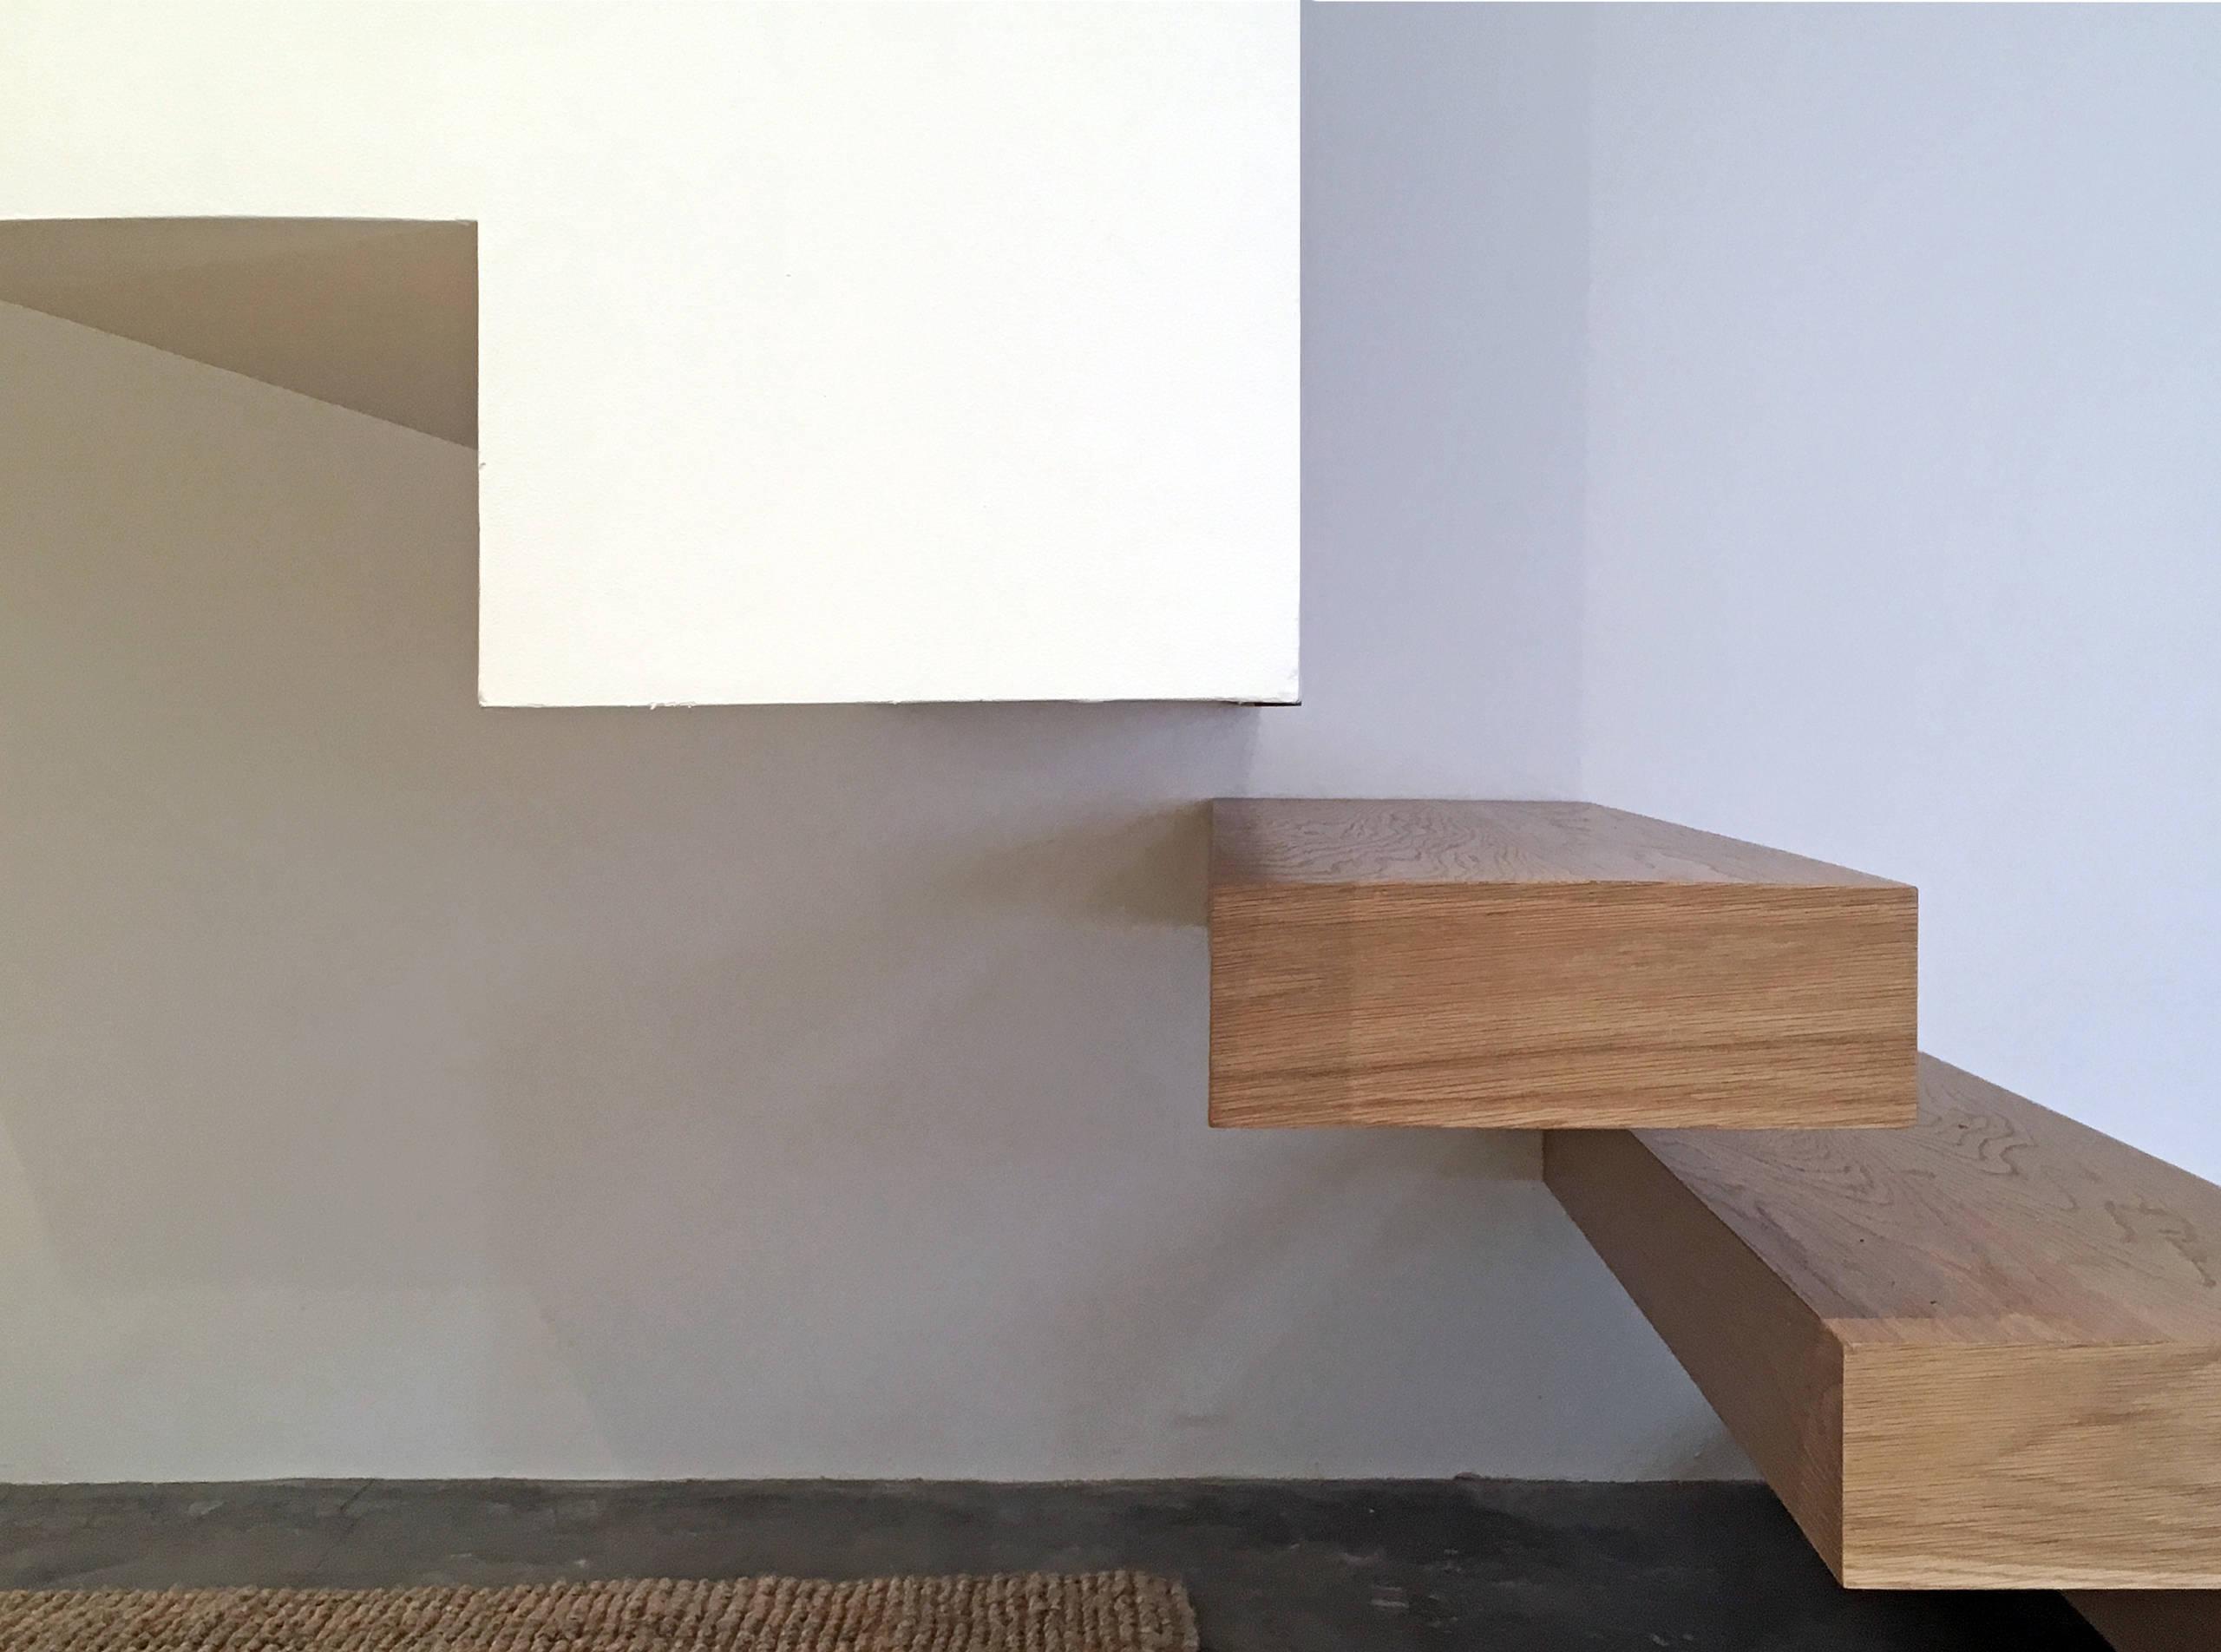 Detalle del cambio de material en la escalera